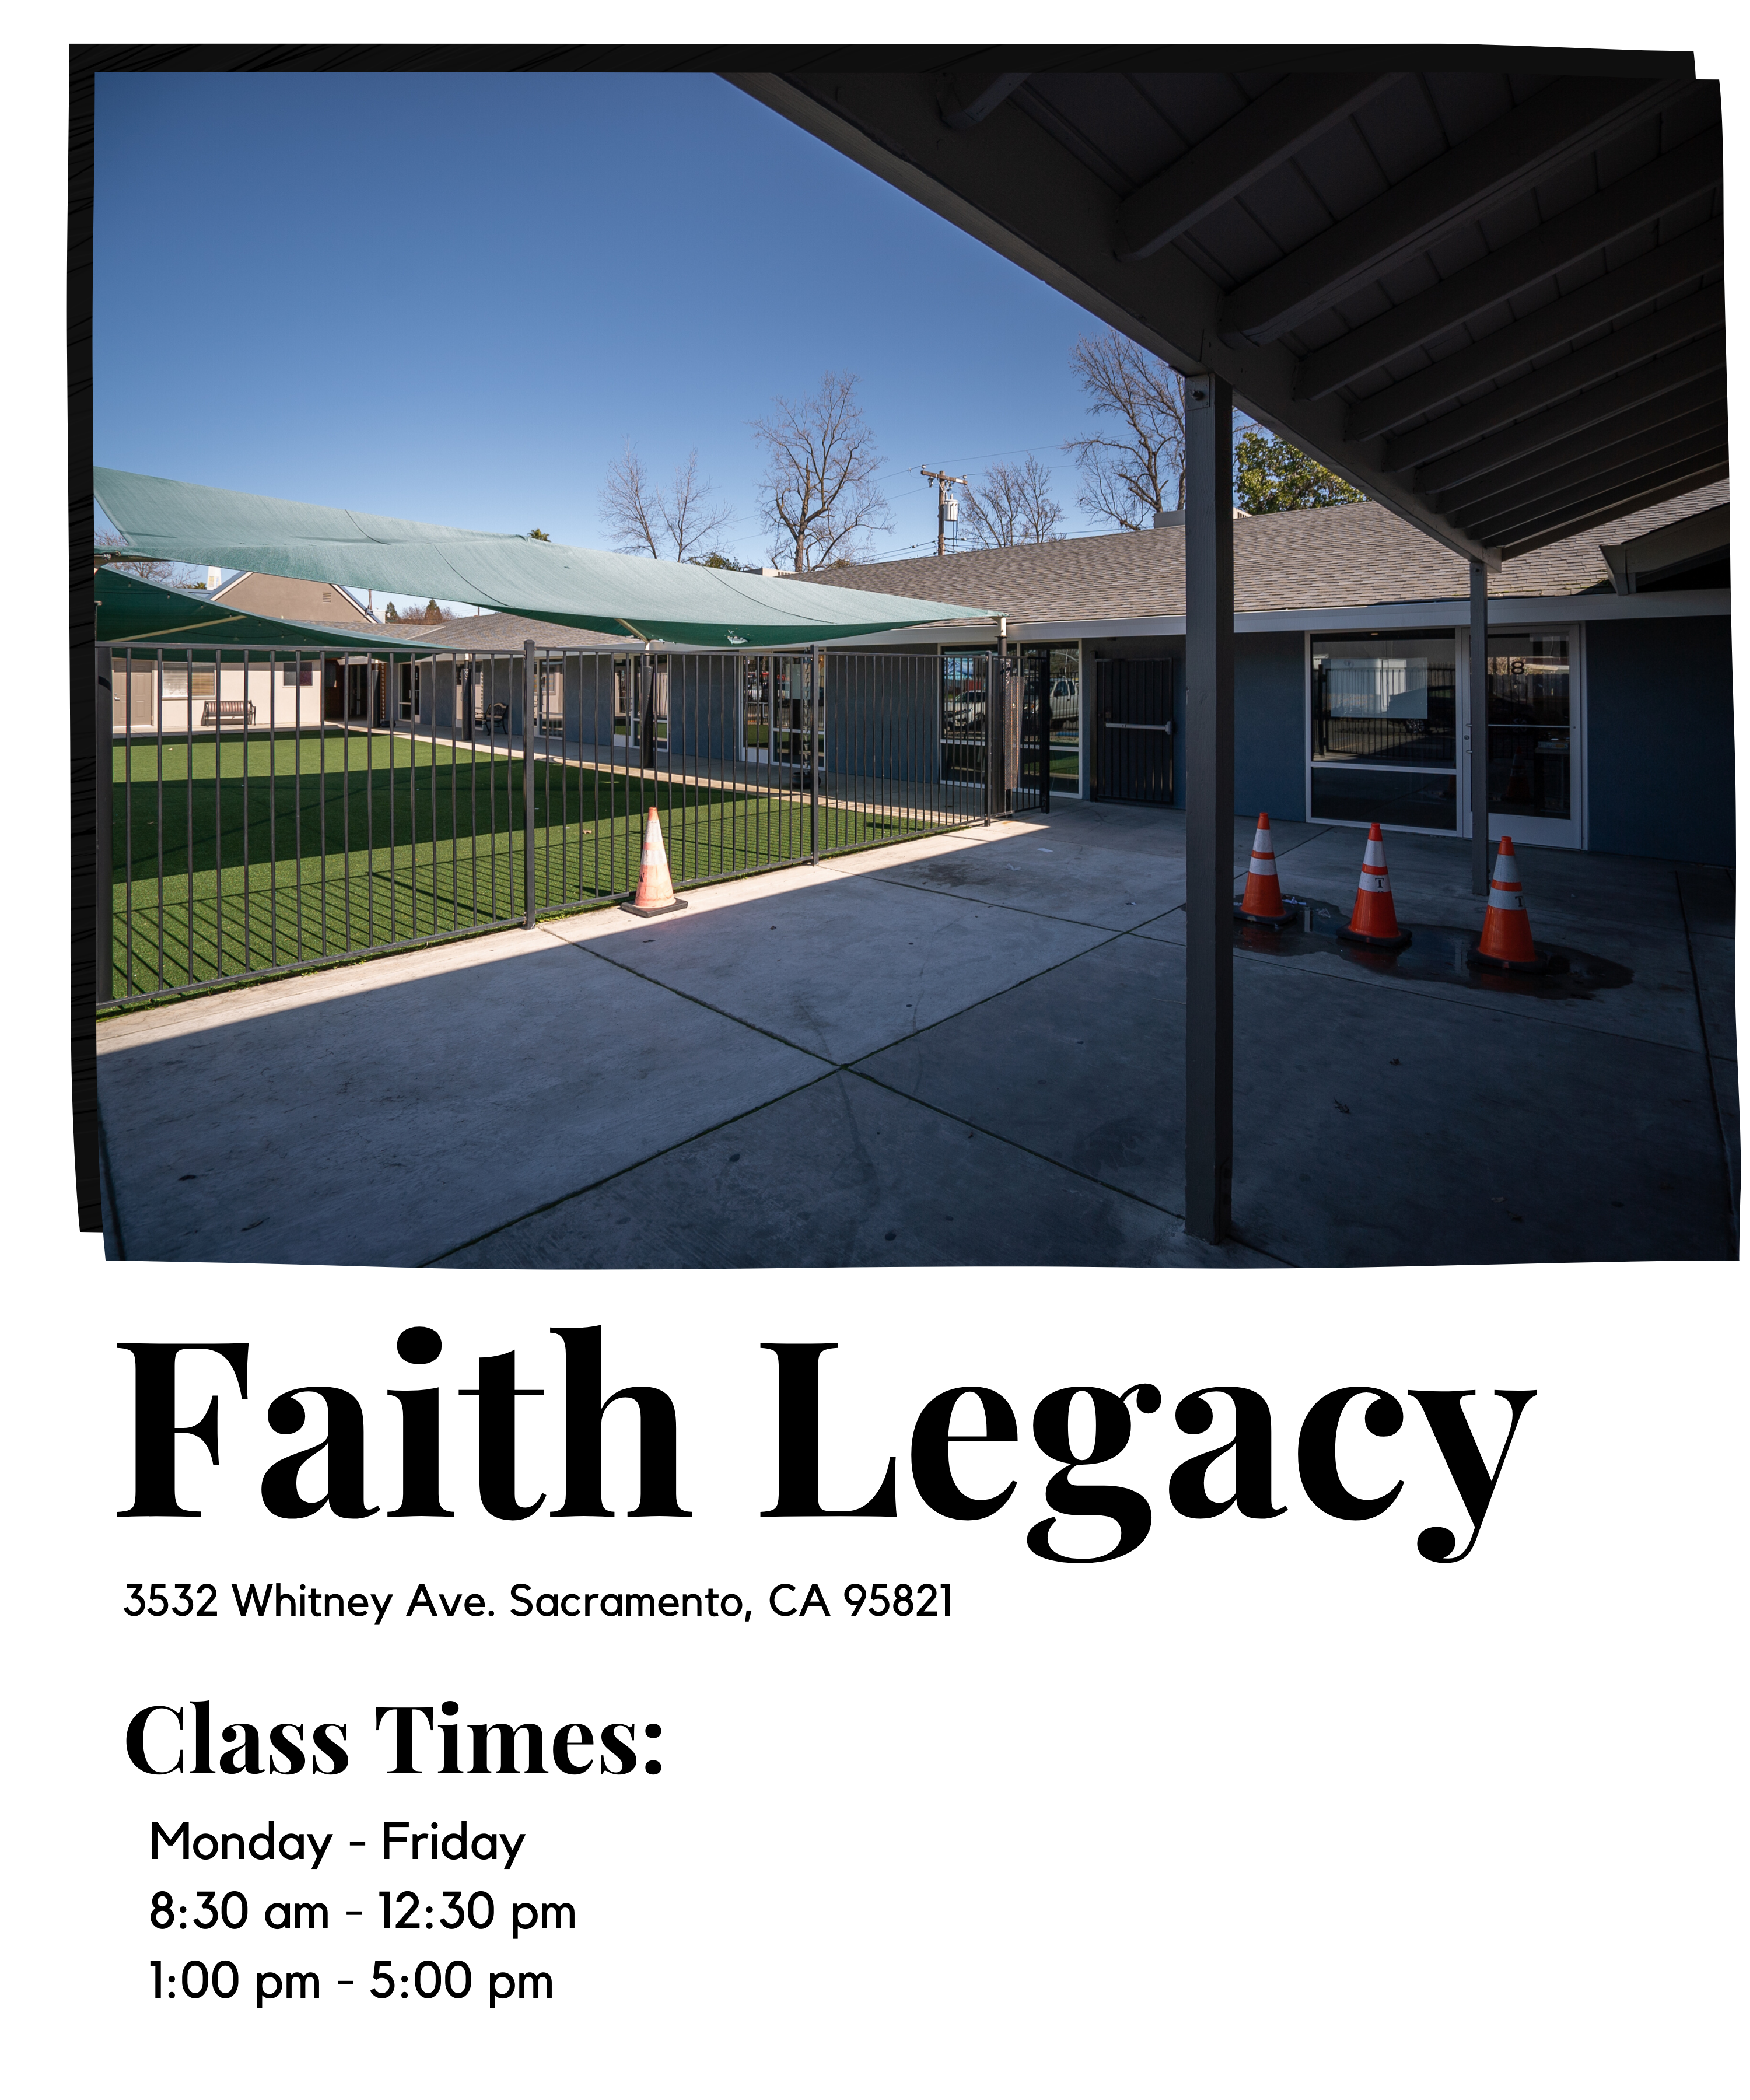 Faith Legacy building